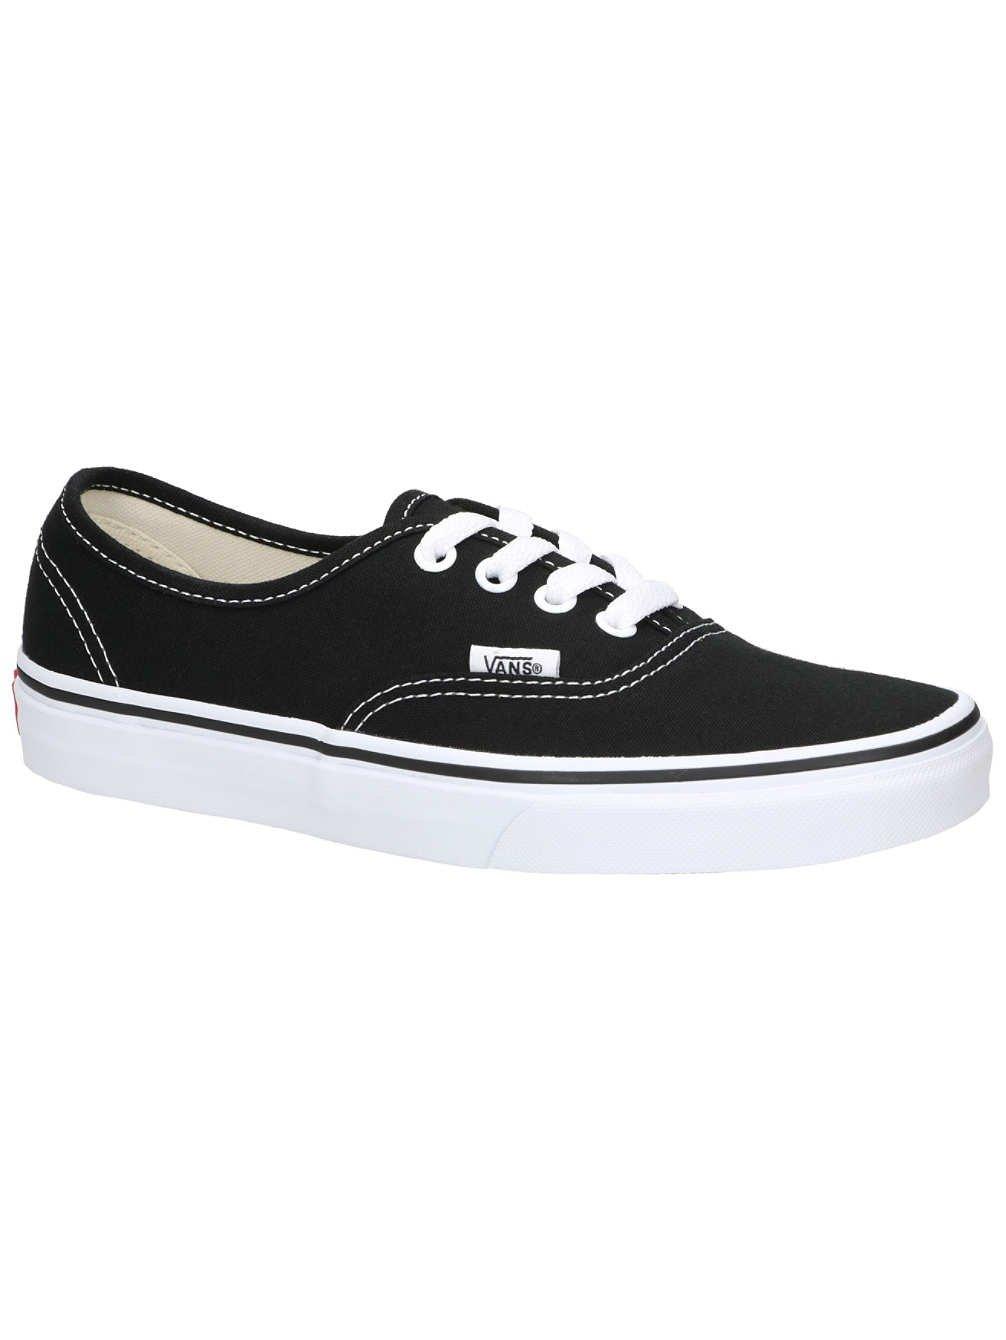 Vans Unisex-Erwachsene Authentic Sneakers schwarz/Weiß2018 Letztes Modell  Mode Schuhe Billig Online-Verkauf